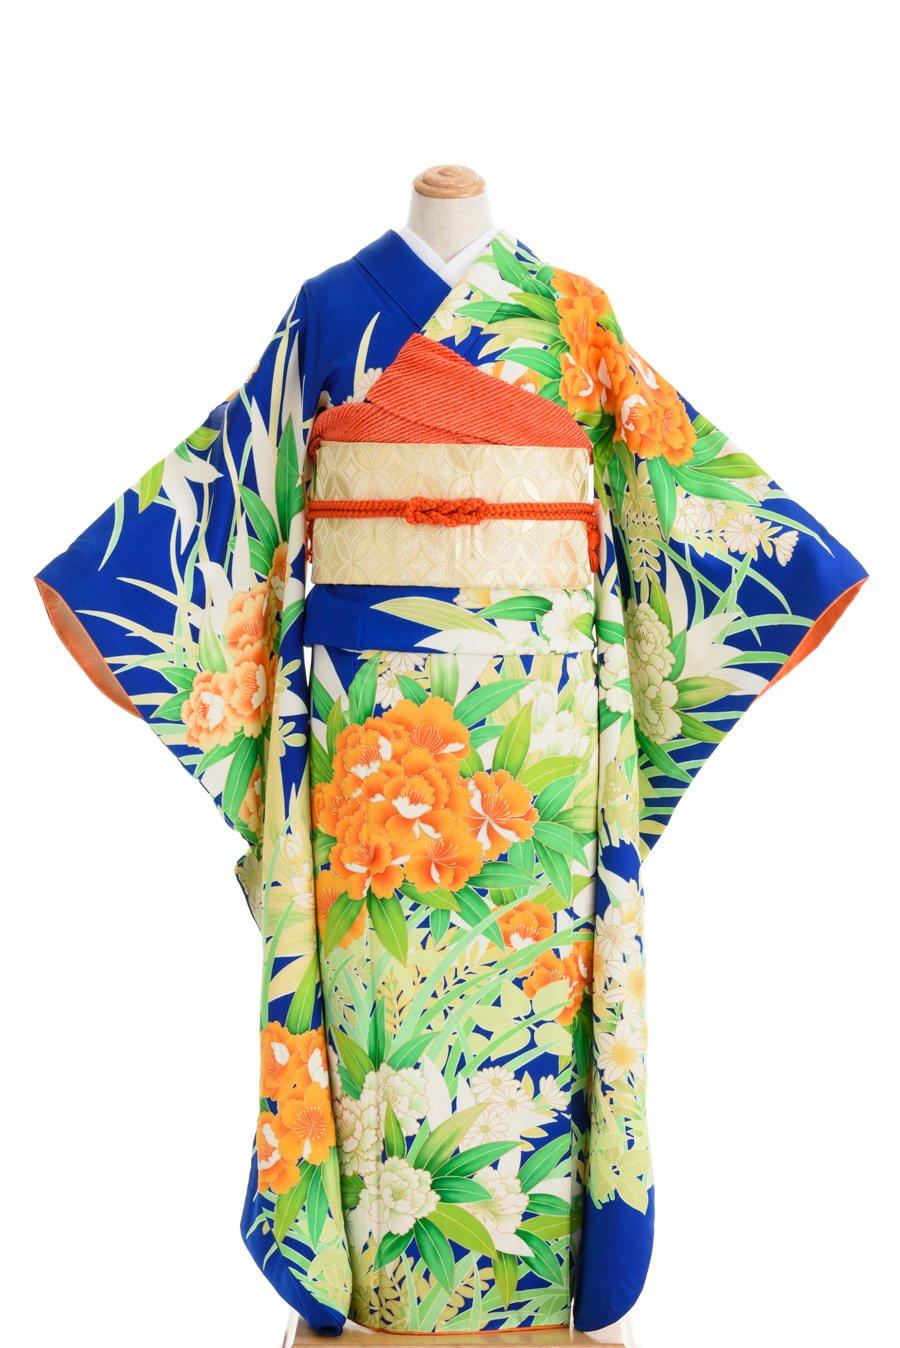 「振袖 オレンジや白などの花」の商品画像